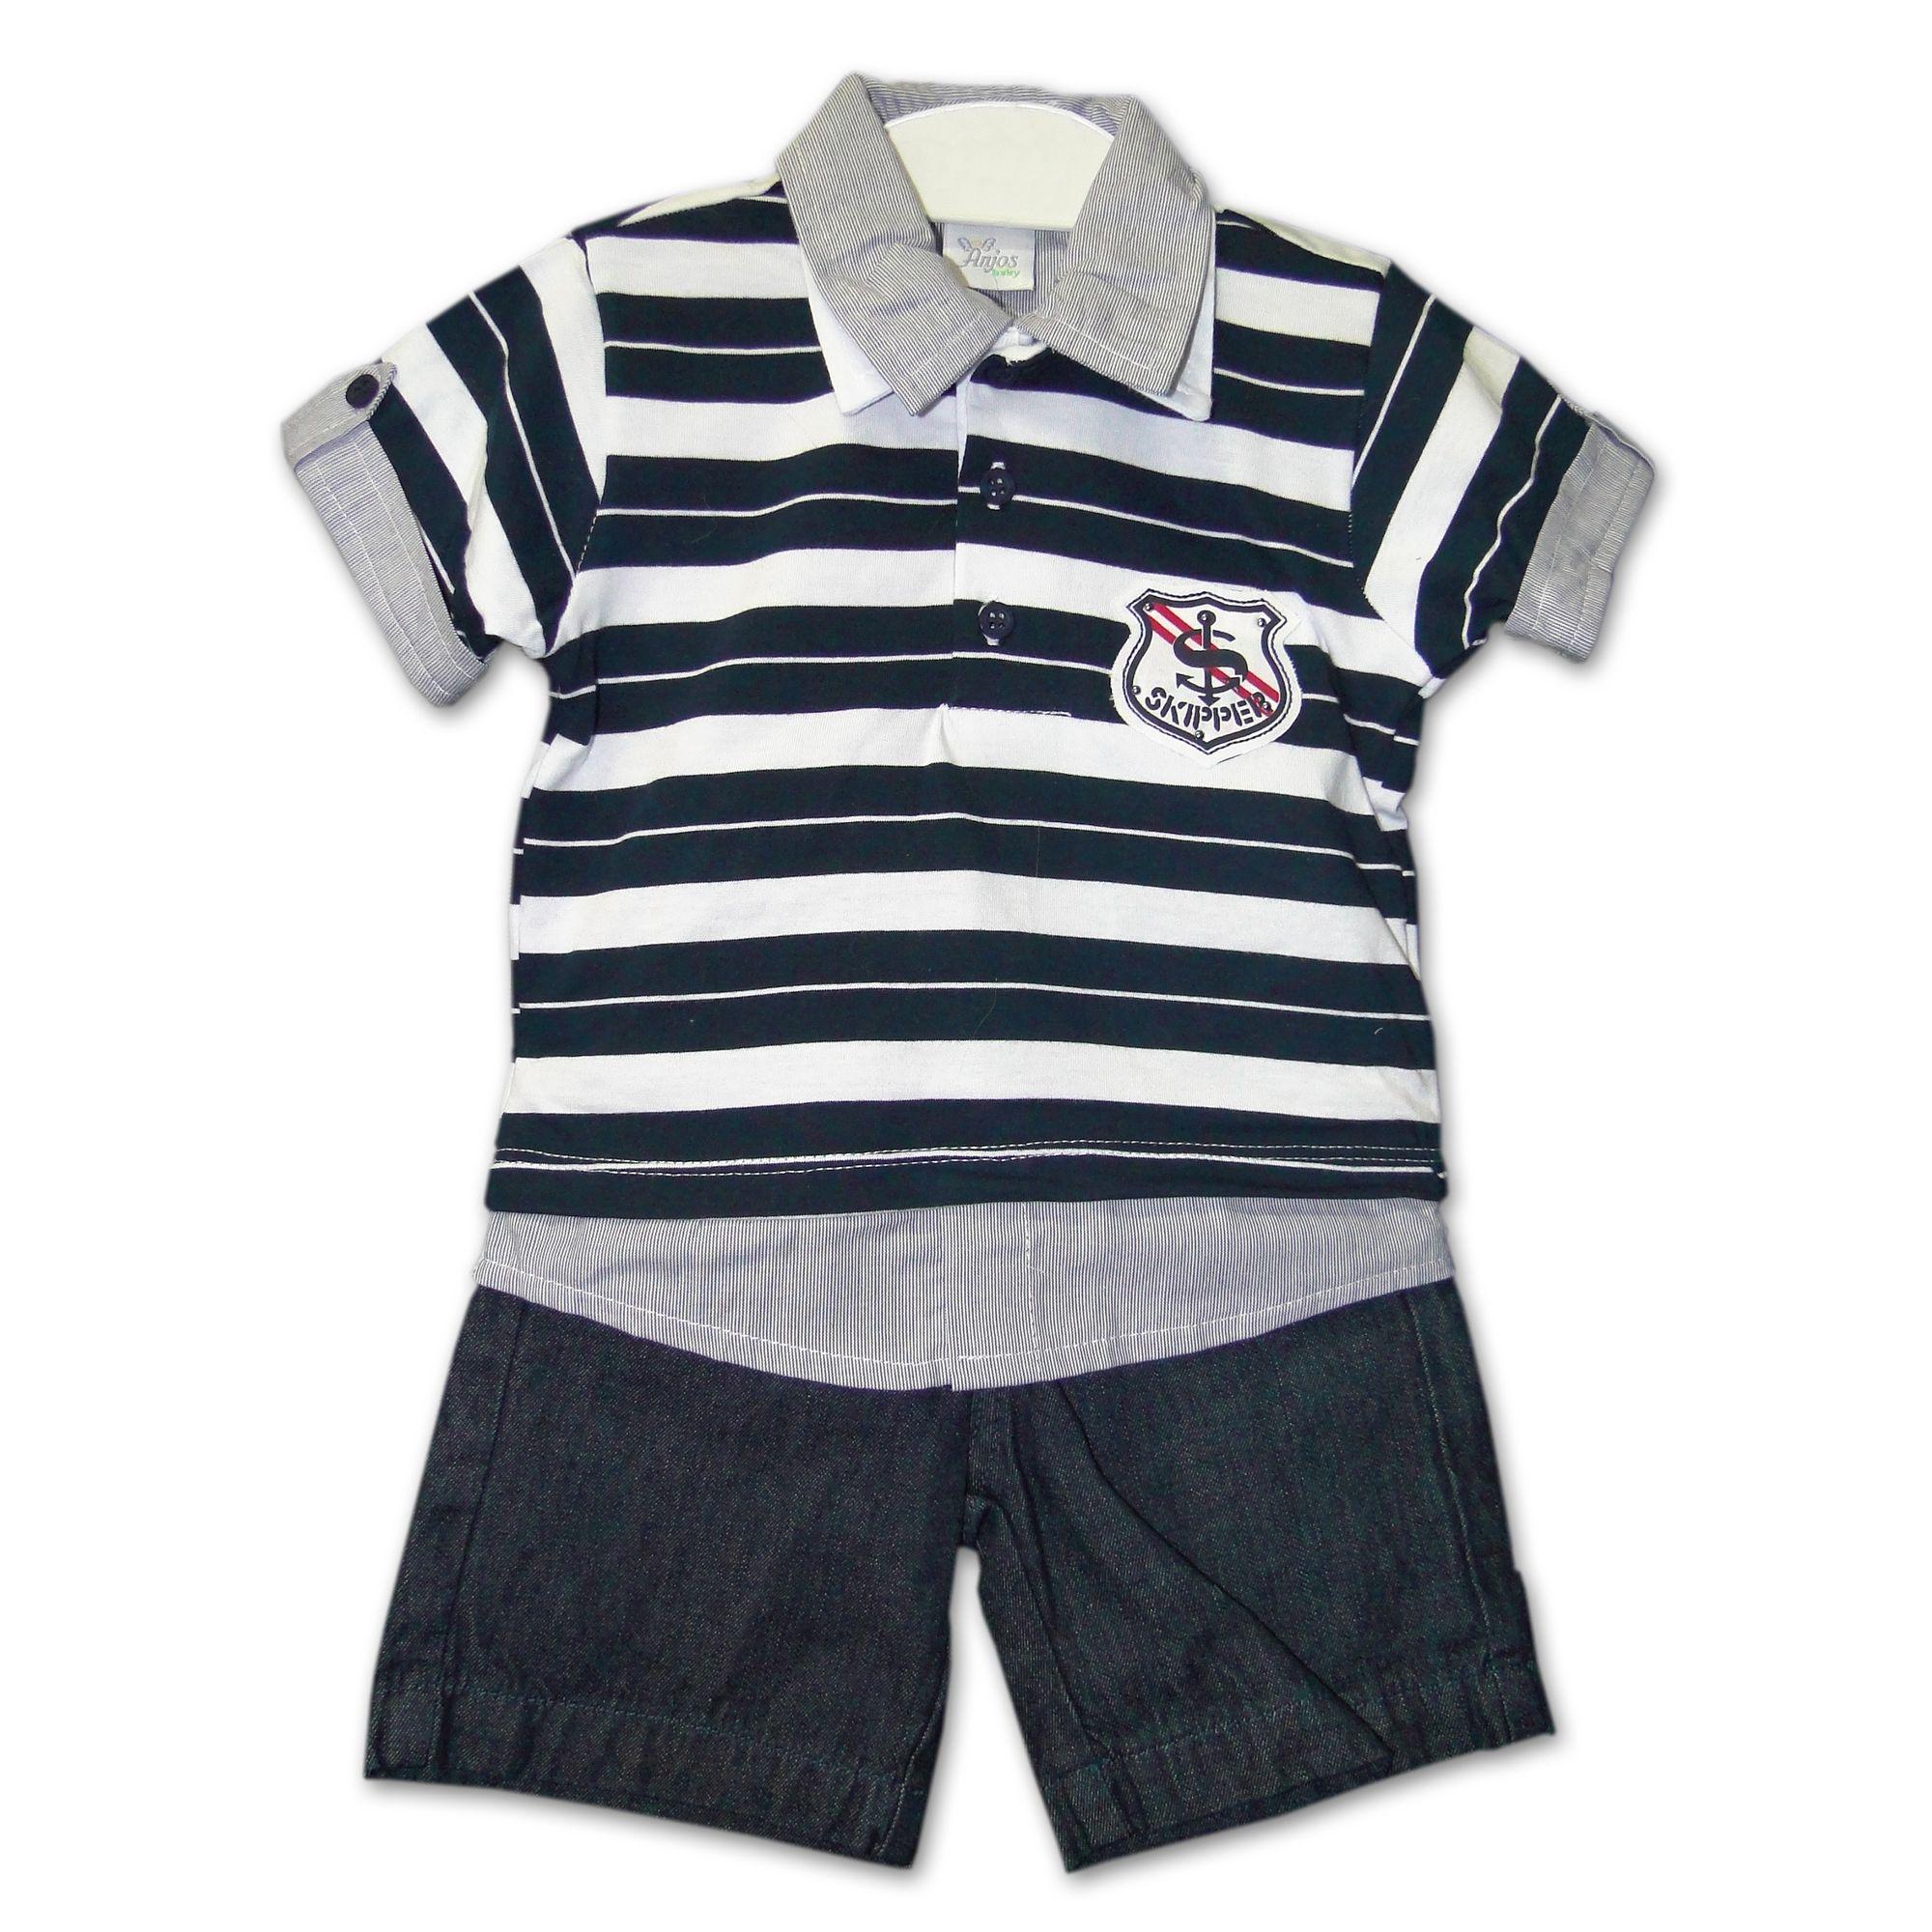 7a8e4c9930 Conjunto Infantil Camisa Polo Listrada Azul Marinho   Branca e Bermuda  Jeans - EcaMeleca